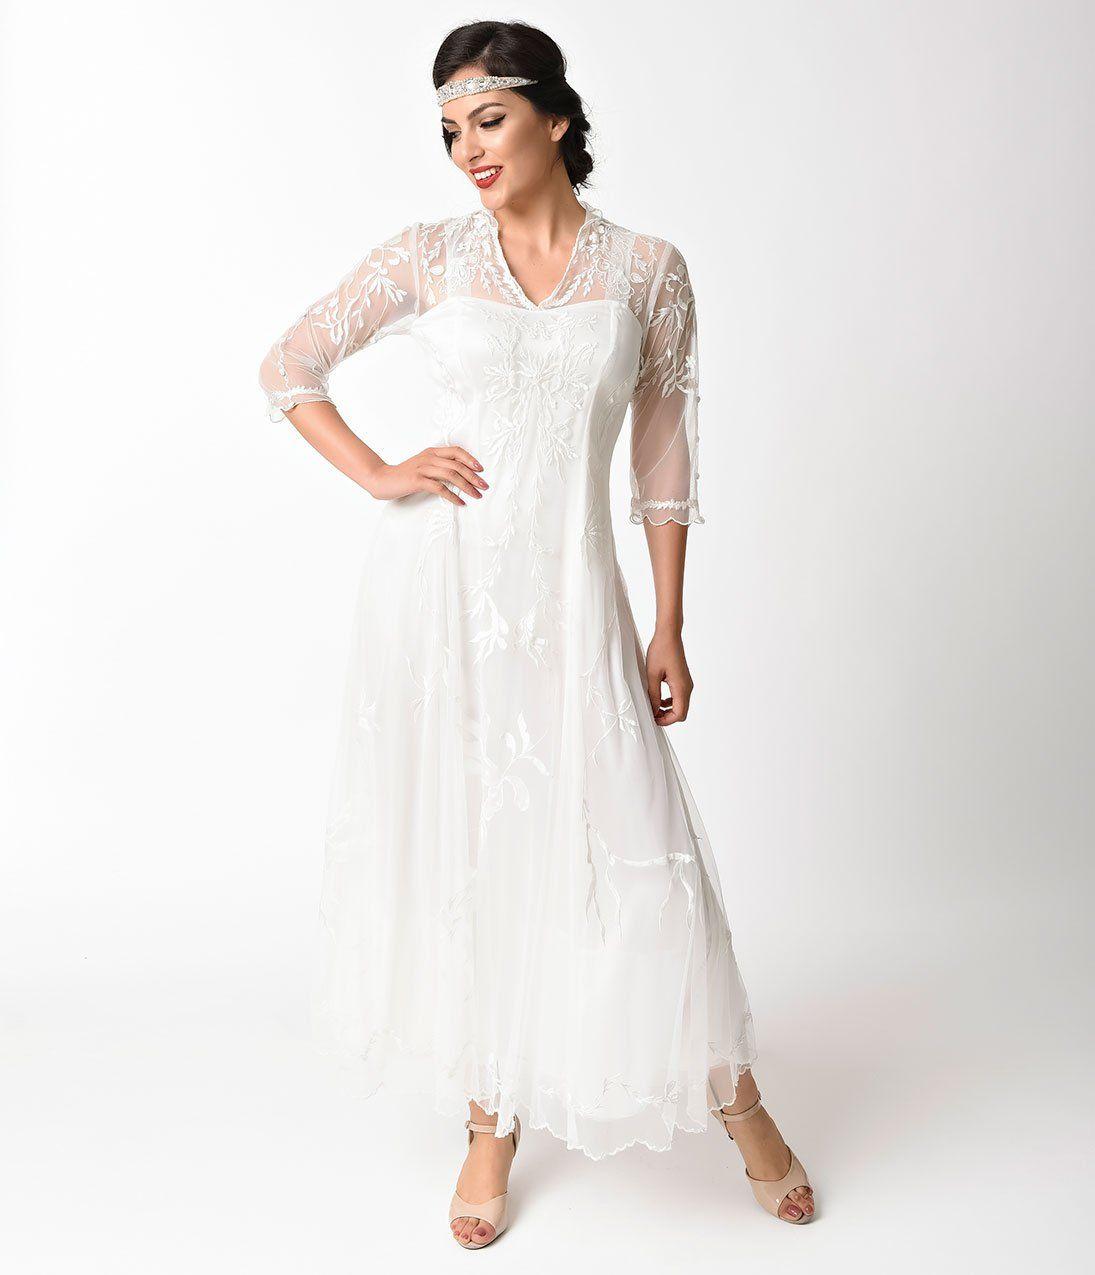 1900 Edwardian Dresses Tea Party Dresses White Lace Dresses 1930s Vint Wedding Dresses Vintage Lace Sleeves Lace Wedding Dress Vintage Wedding Dresses Unique [ 1275 x 1095 Pixel ]